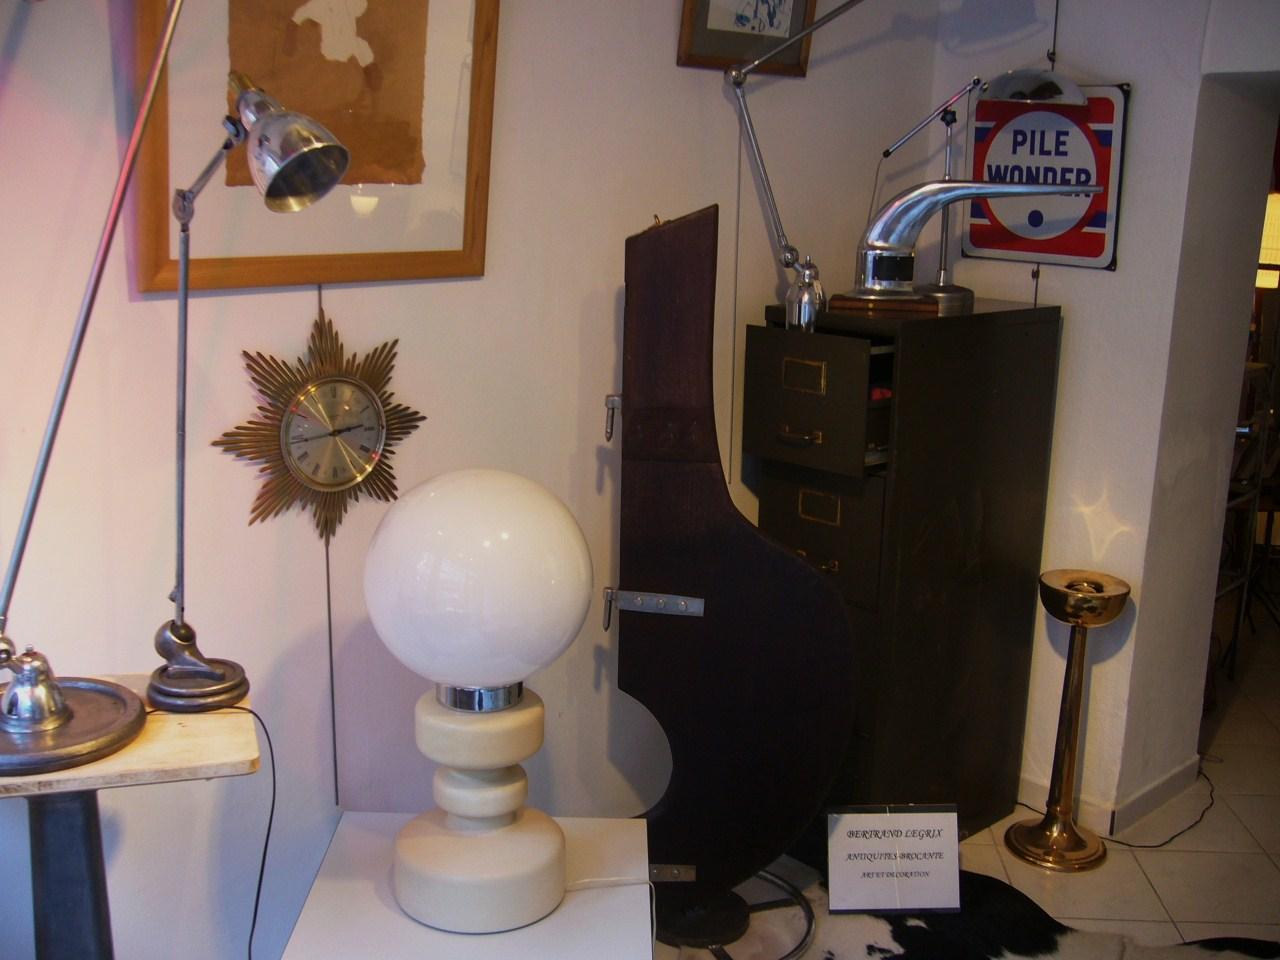 Showroom At Bertrand Legrix Antiquites Du Xxe Si Cle